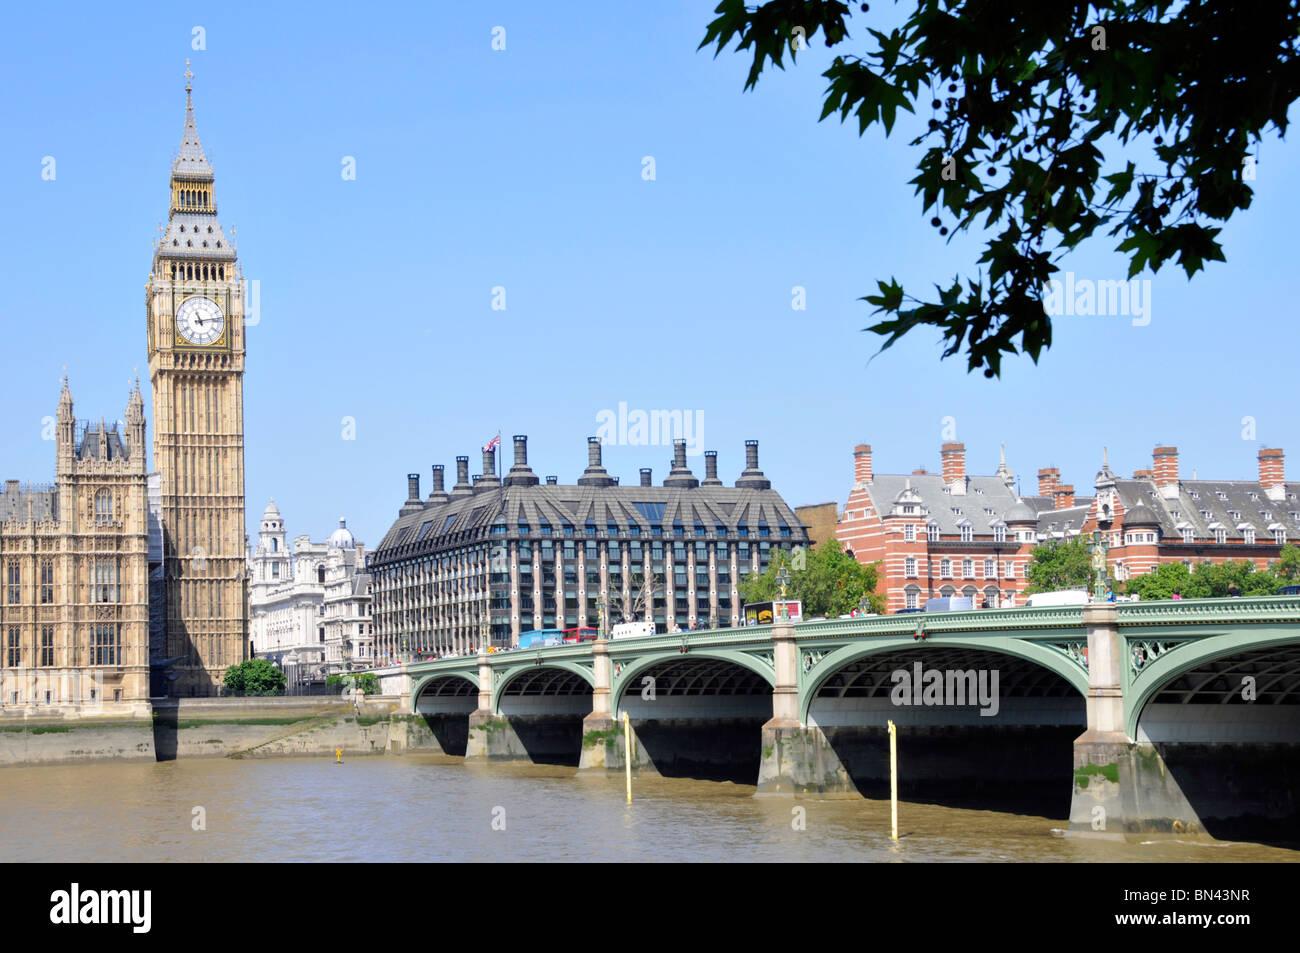 Big Ben Elizabeth torre del reloj en las Casas del Parlamento con Oficinas MP en Portcullis House al lado del río Támesis y Westminster Puente Londres Inglaterra Reino Unido Foto de stock